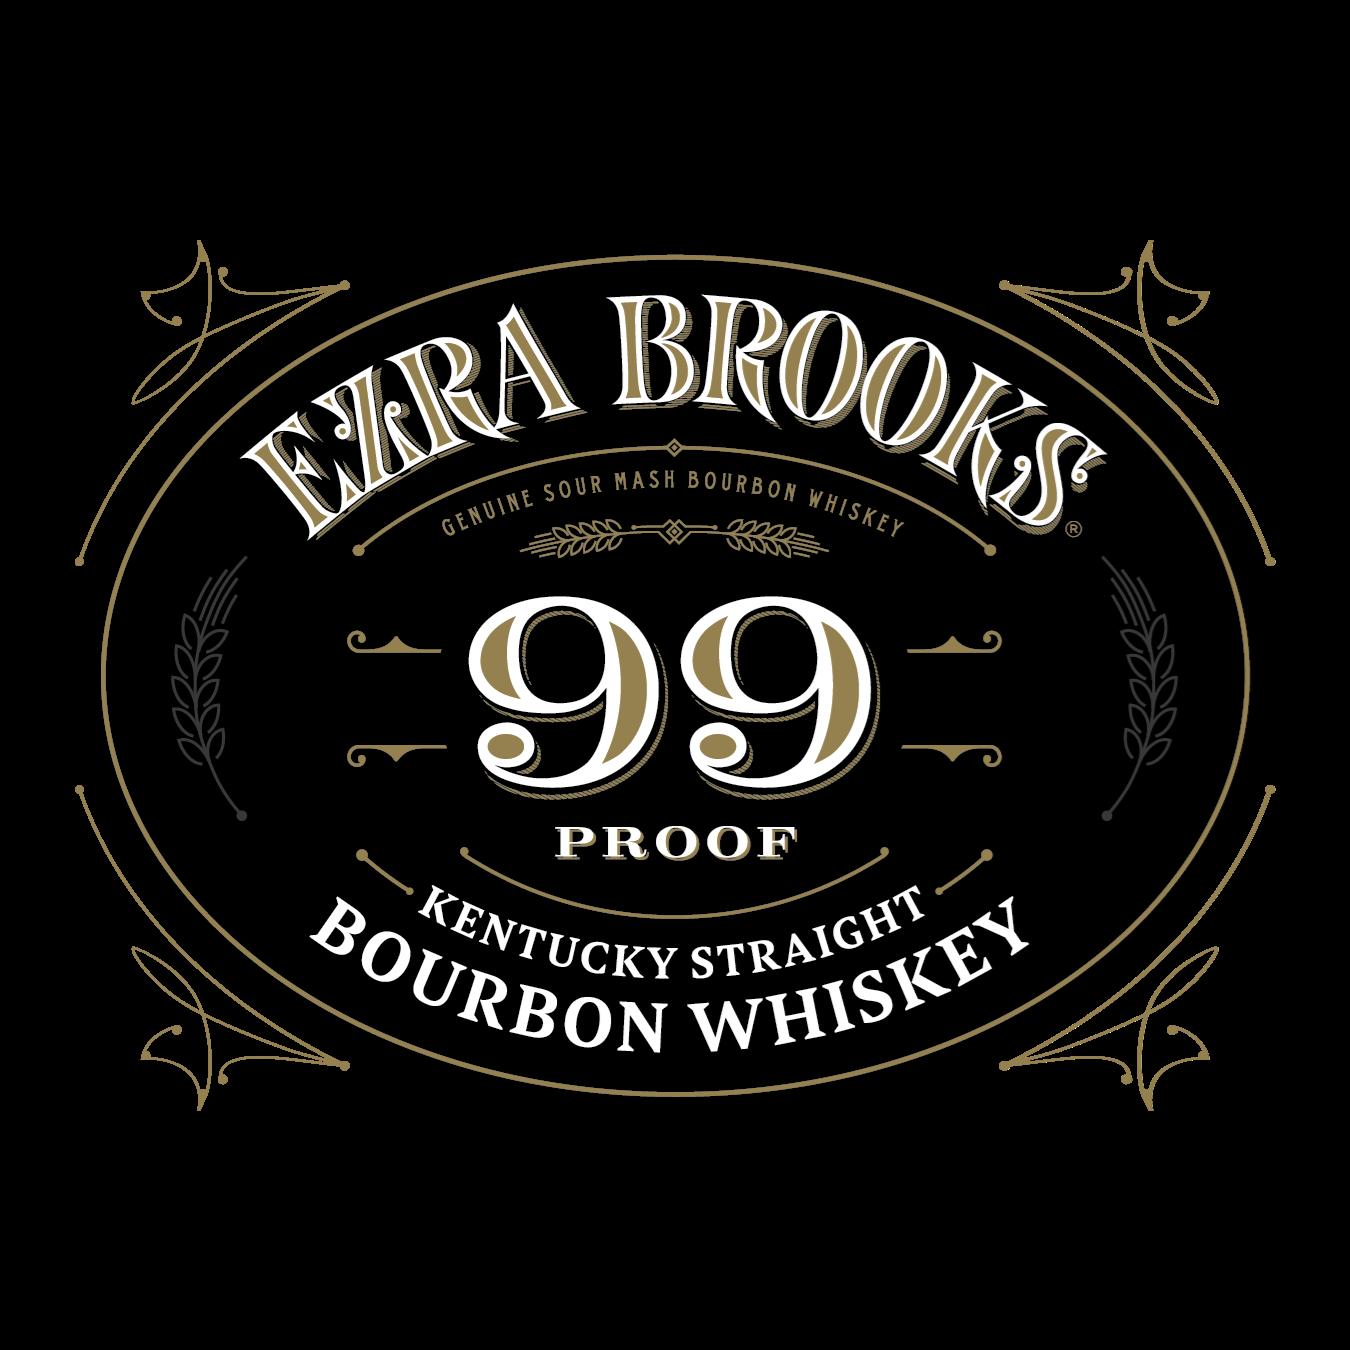 Ezra Brooks Bourbon Whiskey